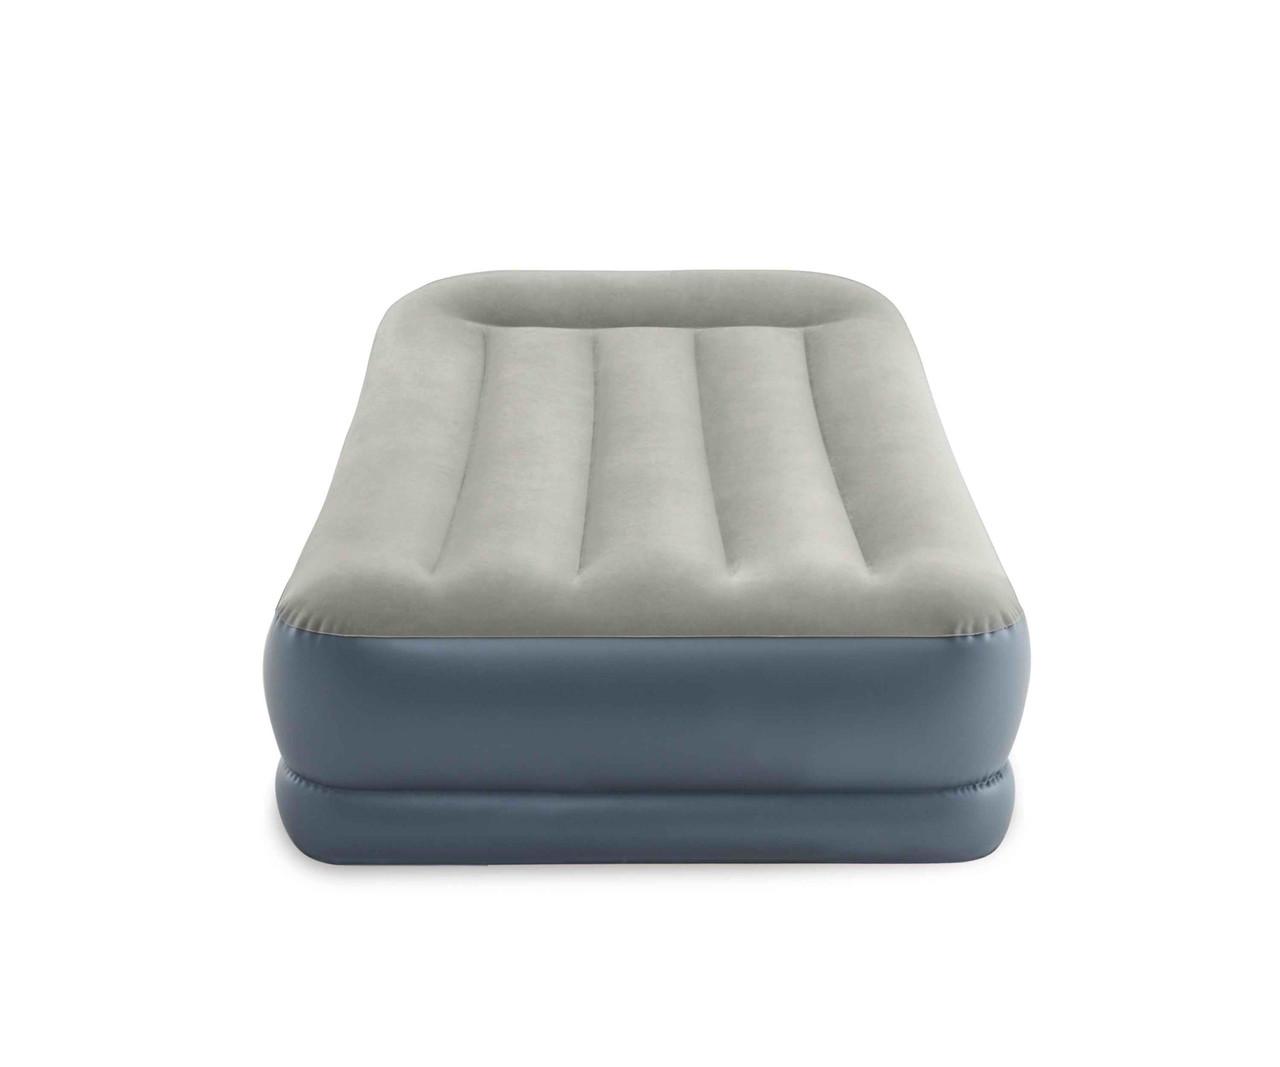 Односпальная надувная кровать Intex + встроенный электронасос 220V 99x191x30 см (64116)